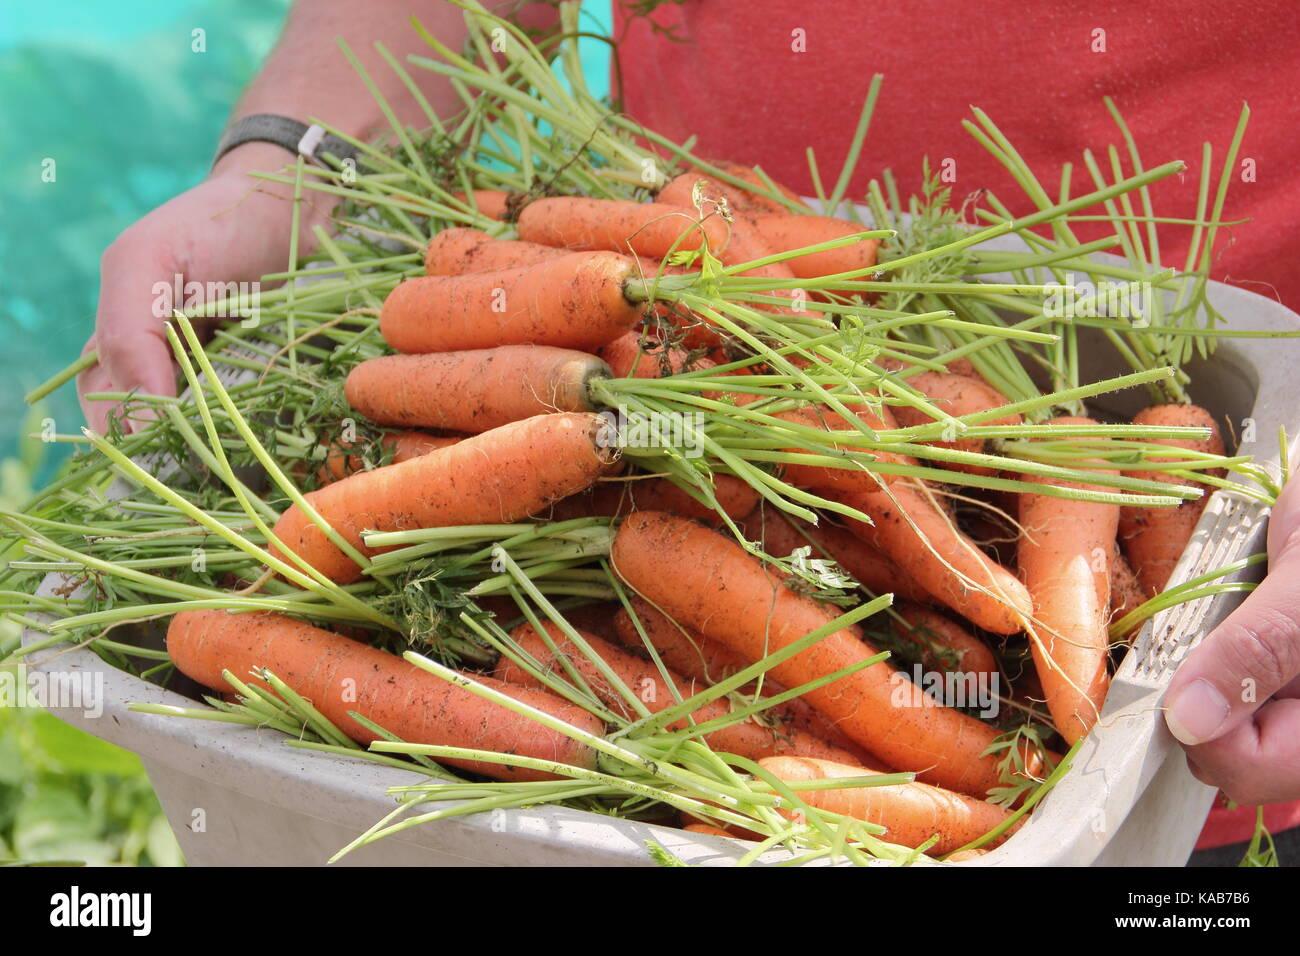 Home Grown fraîchement récolté 'Nairobi' variété les carottes sont effectuées Photo Stock